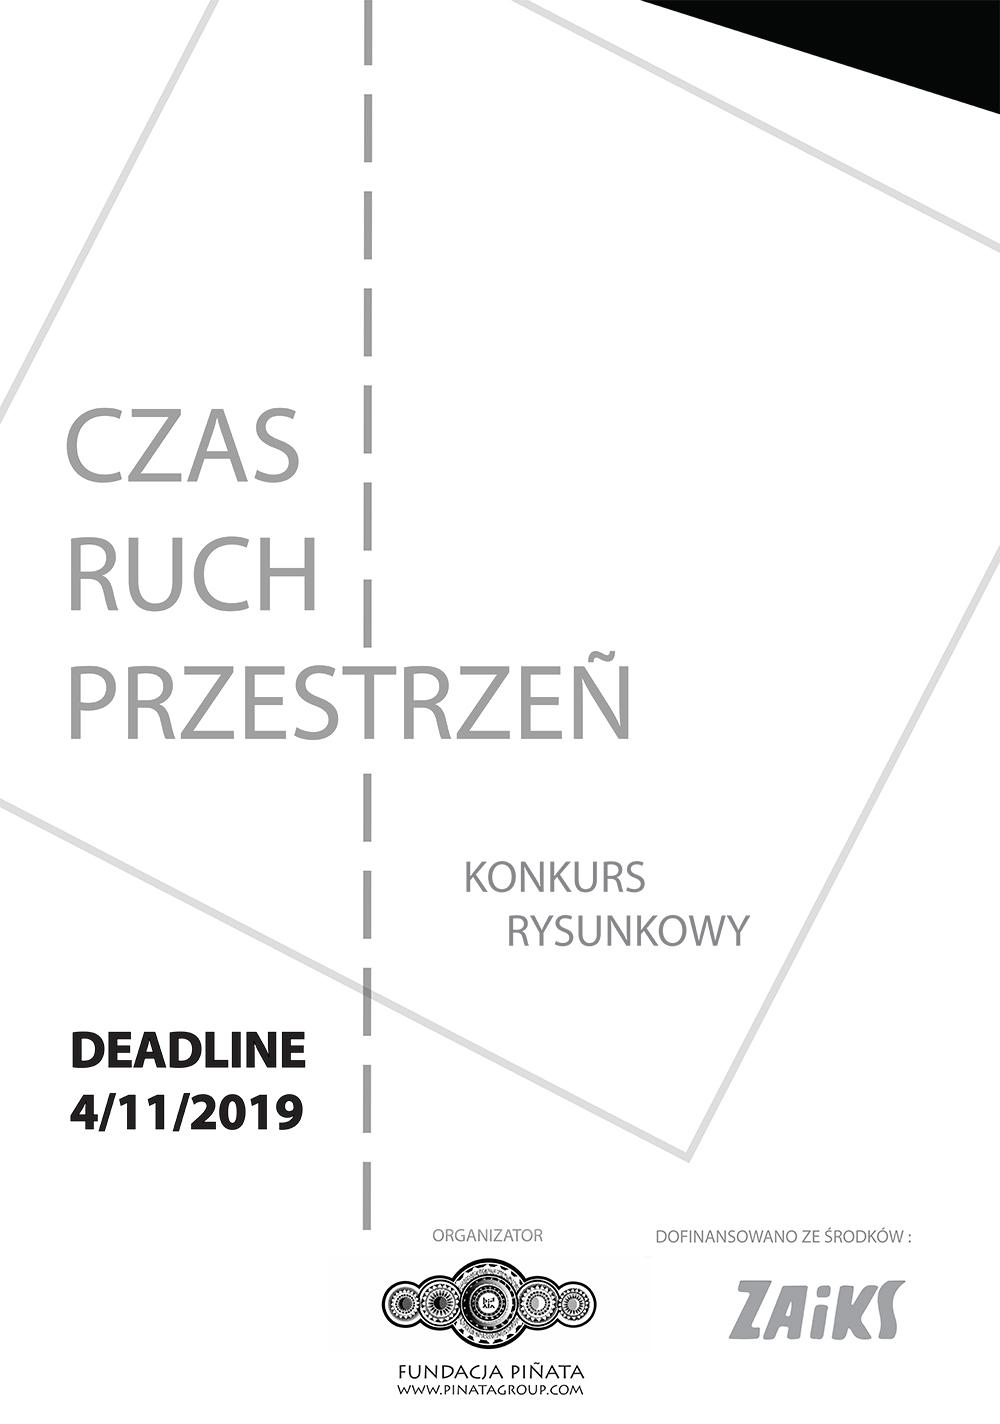 Konkurs rysunkowy CZAS – RUCH – PRZESTRZEŃ